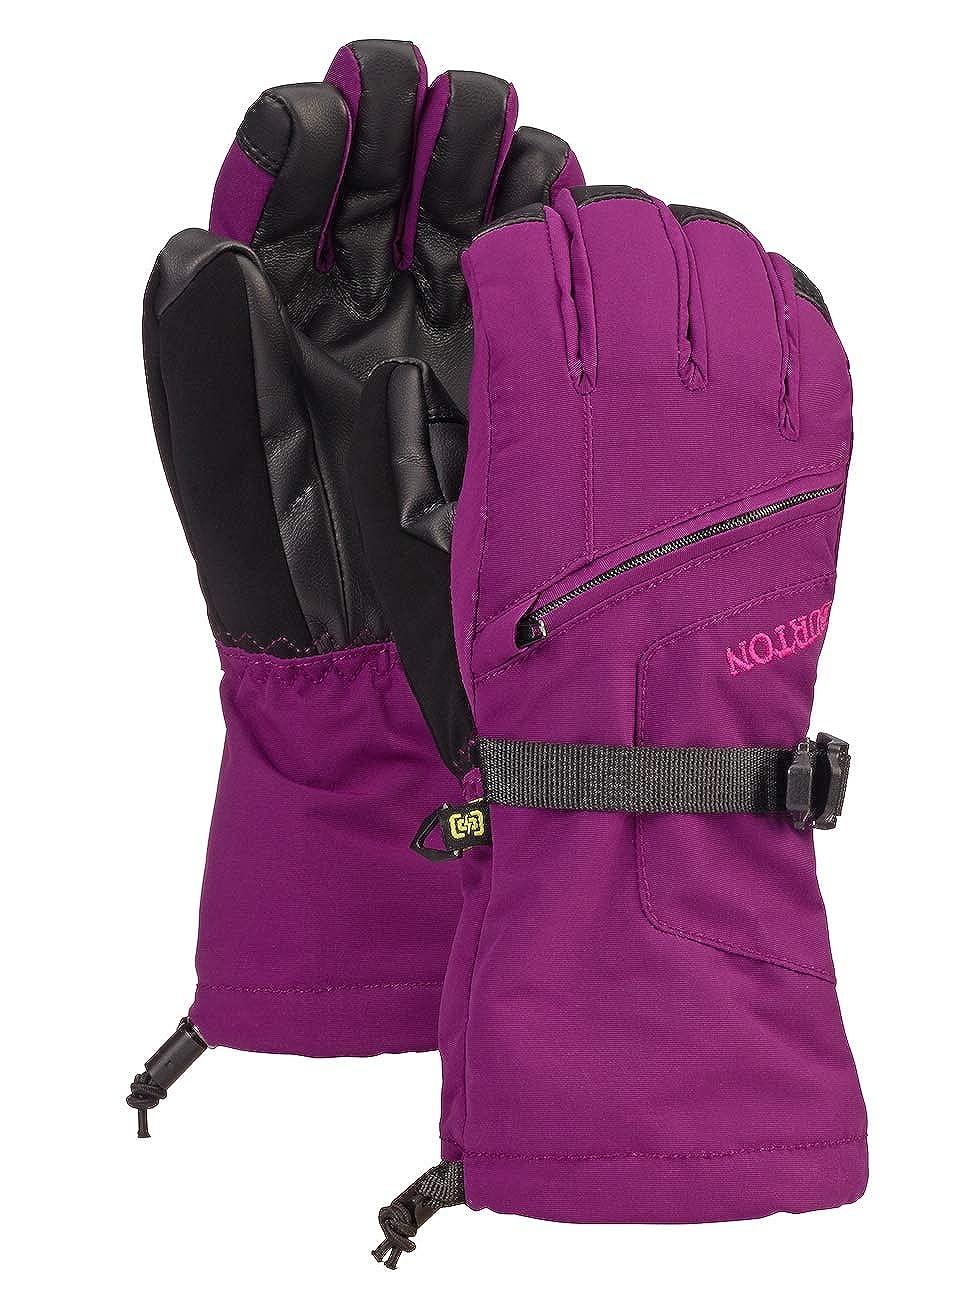 Burton Childrens Vent Gloves